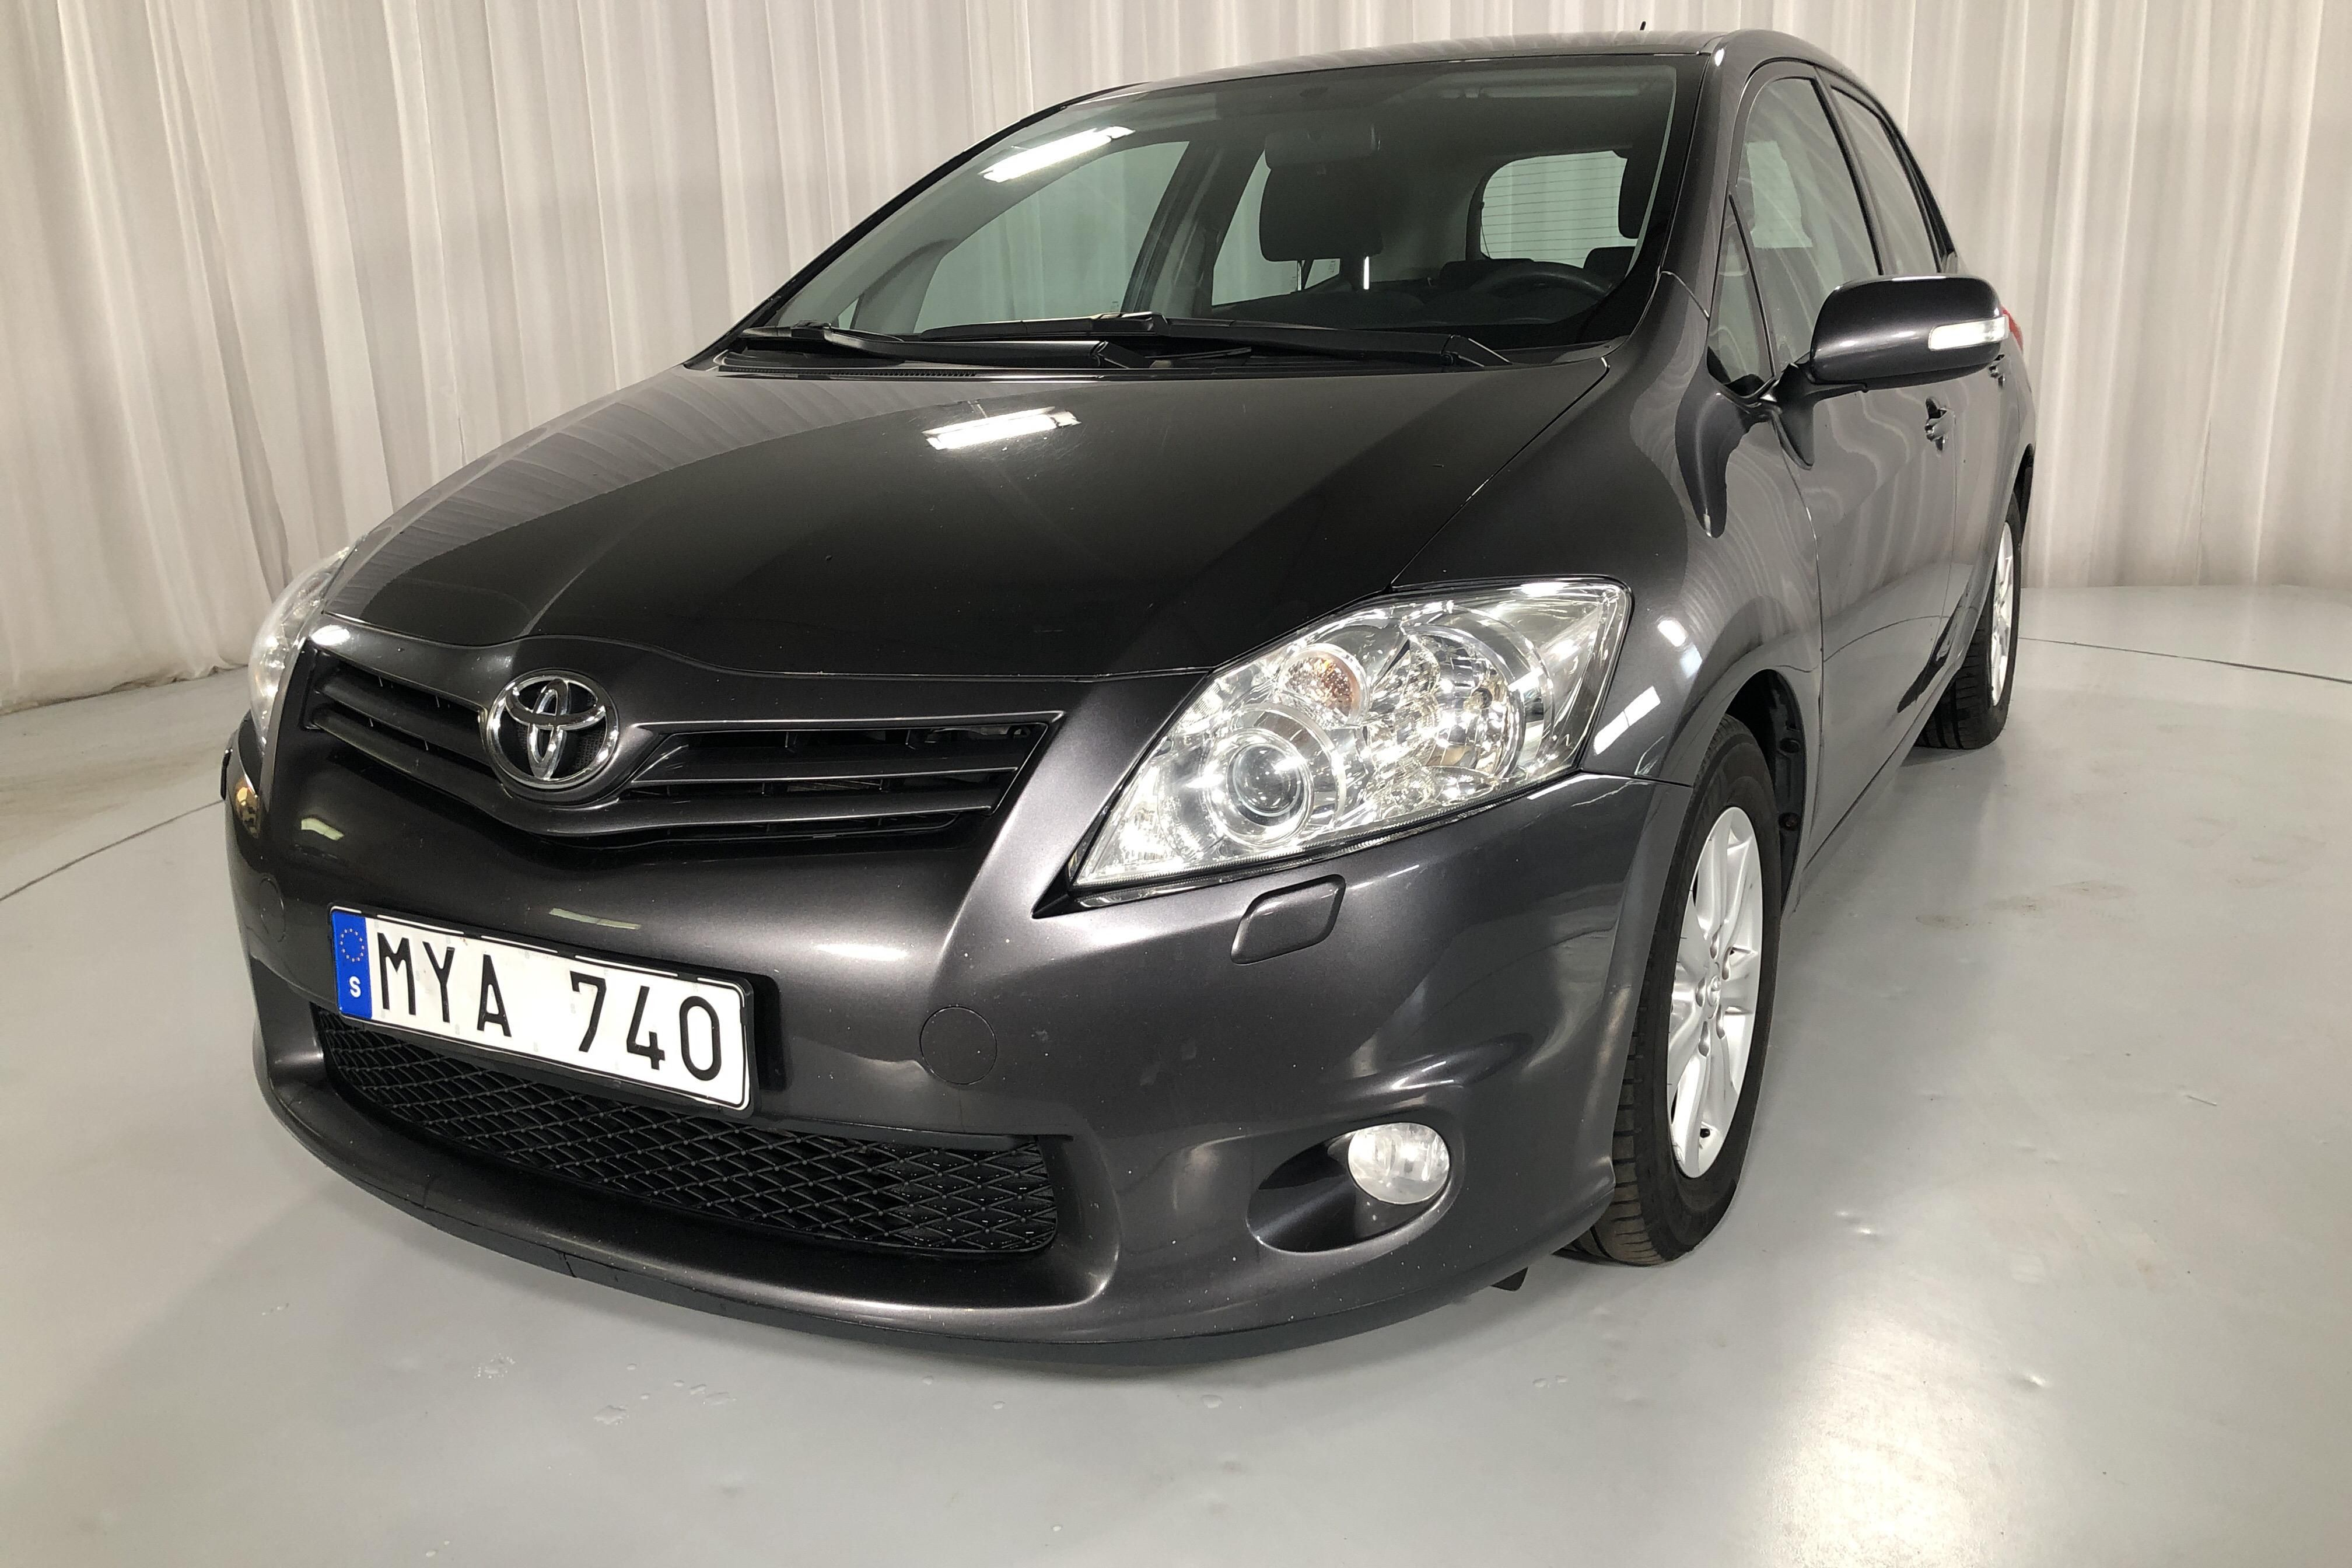 Toyota Auris 1.4 D-4D 5dr (90hk)